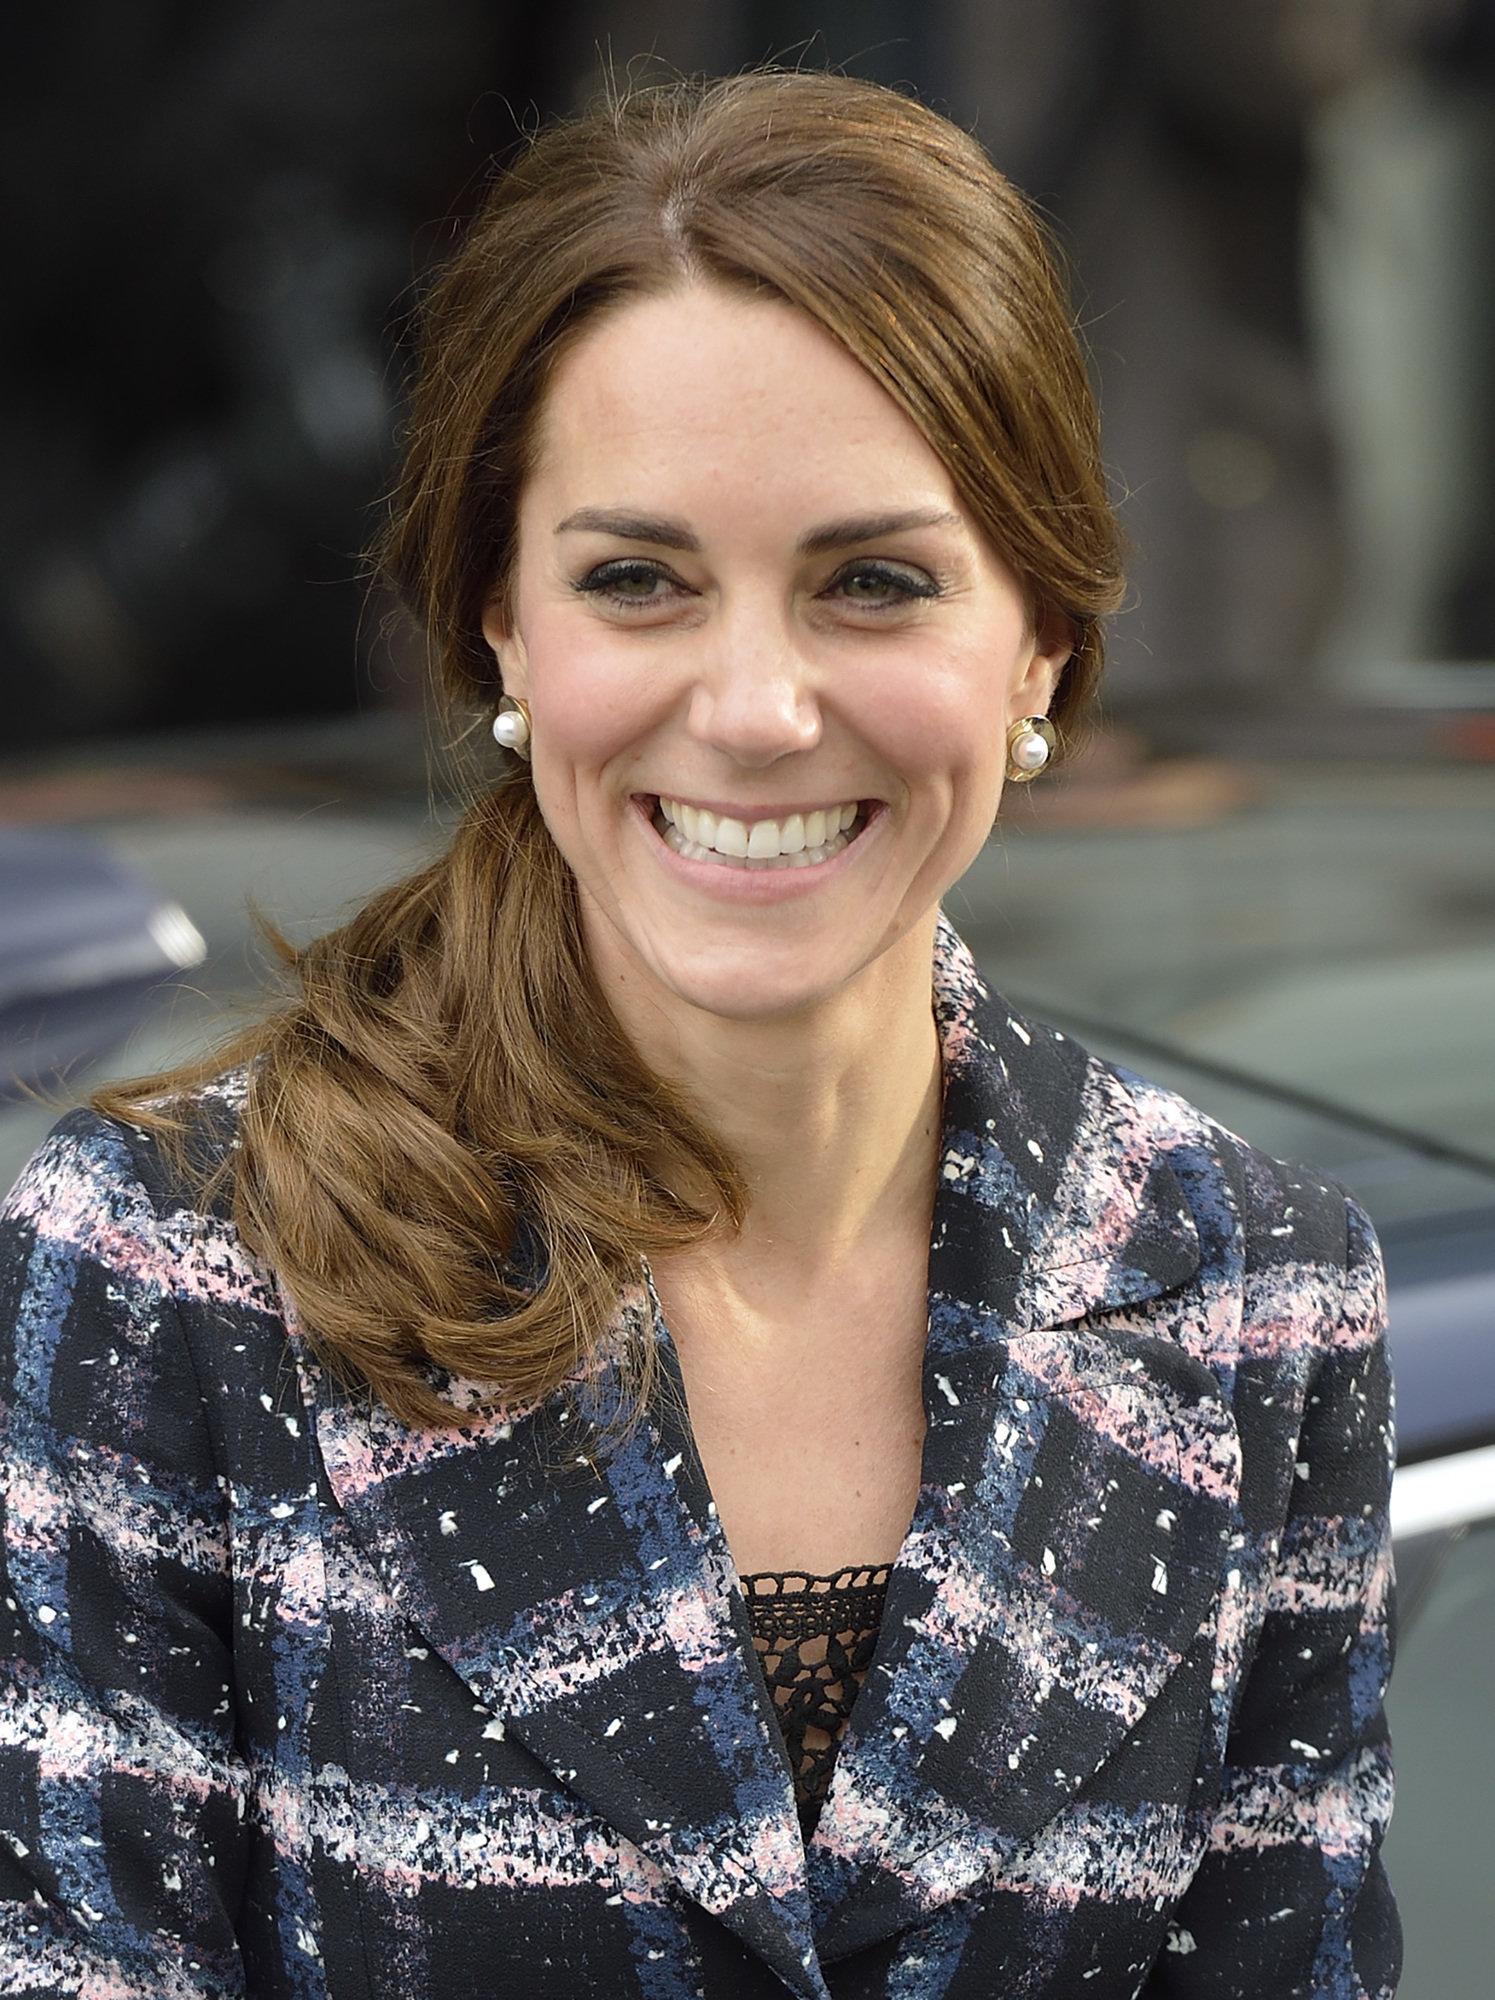 Đúng là đẳng cấp Hoàng hậu tương lai, chỉ riêng chuyện buộc tóc của Công nương Kate cũng khiến dân tình trầm trồ - Ảnh 2.